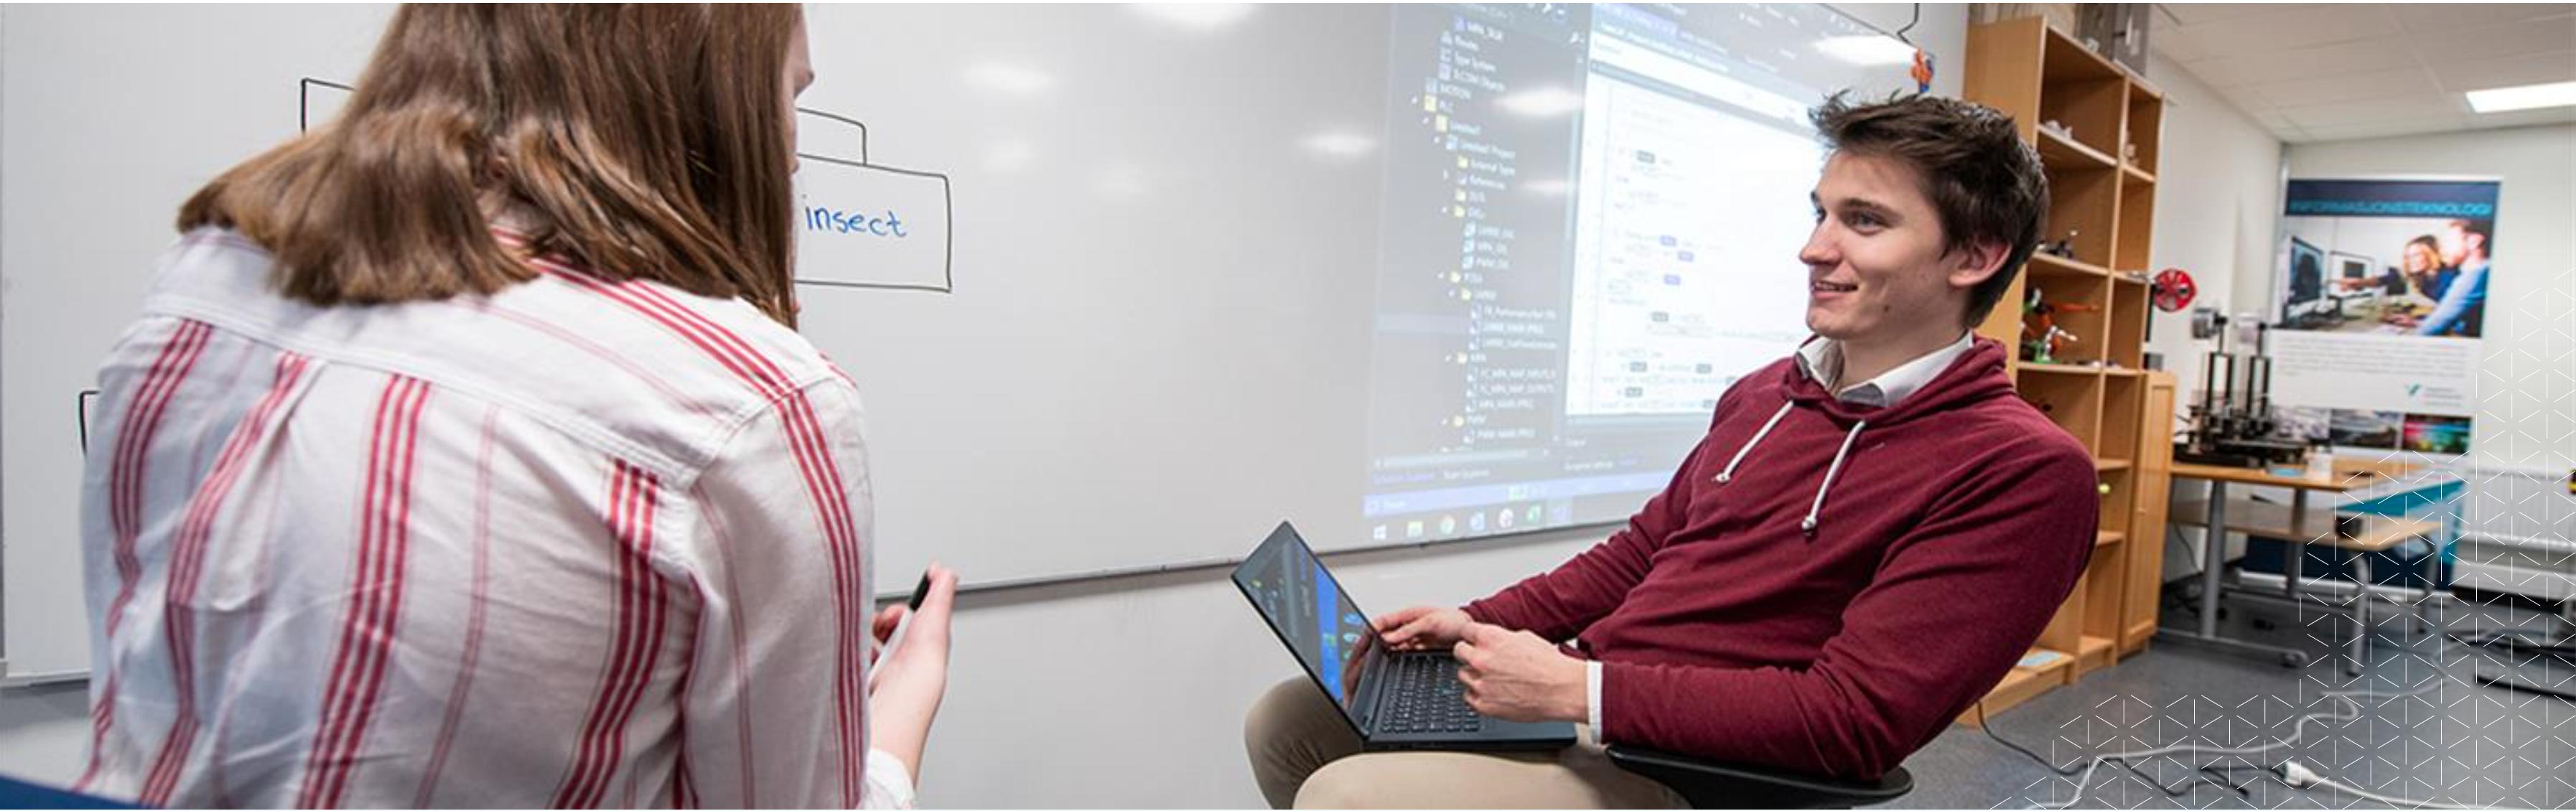 Studentpraksis - få deltidsjobb ved å studere Informasjonsteknolgi i Førde